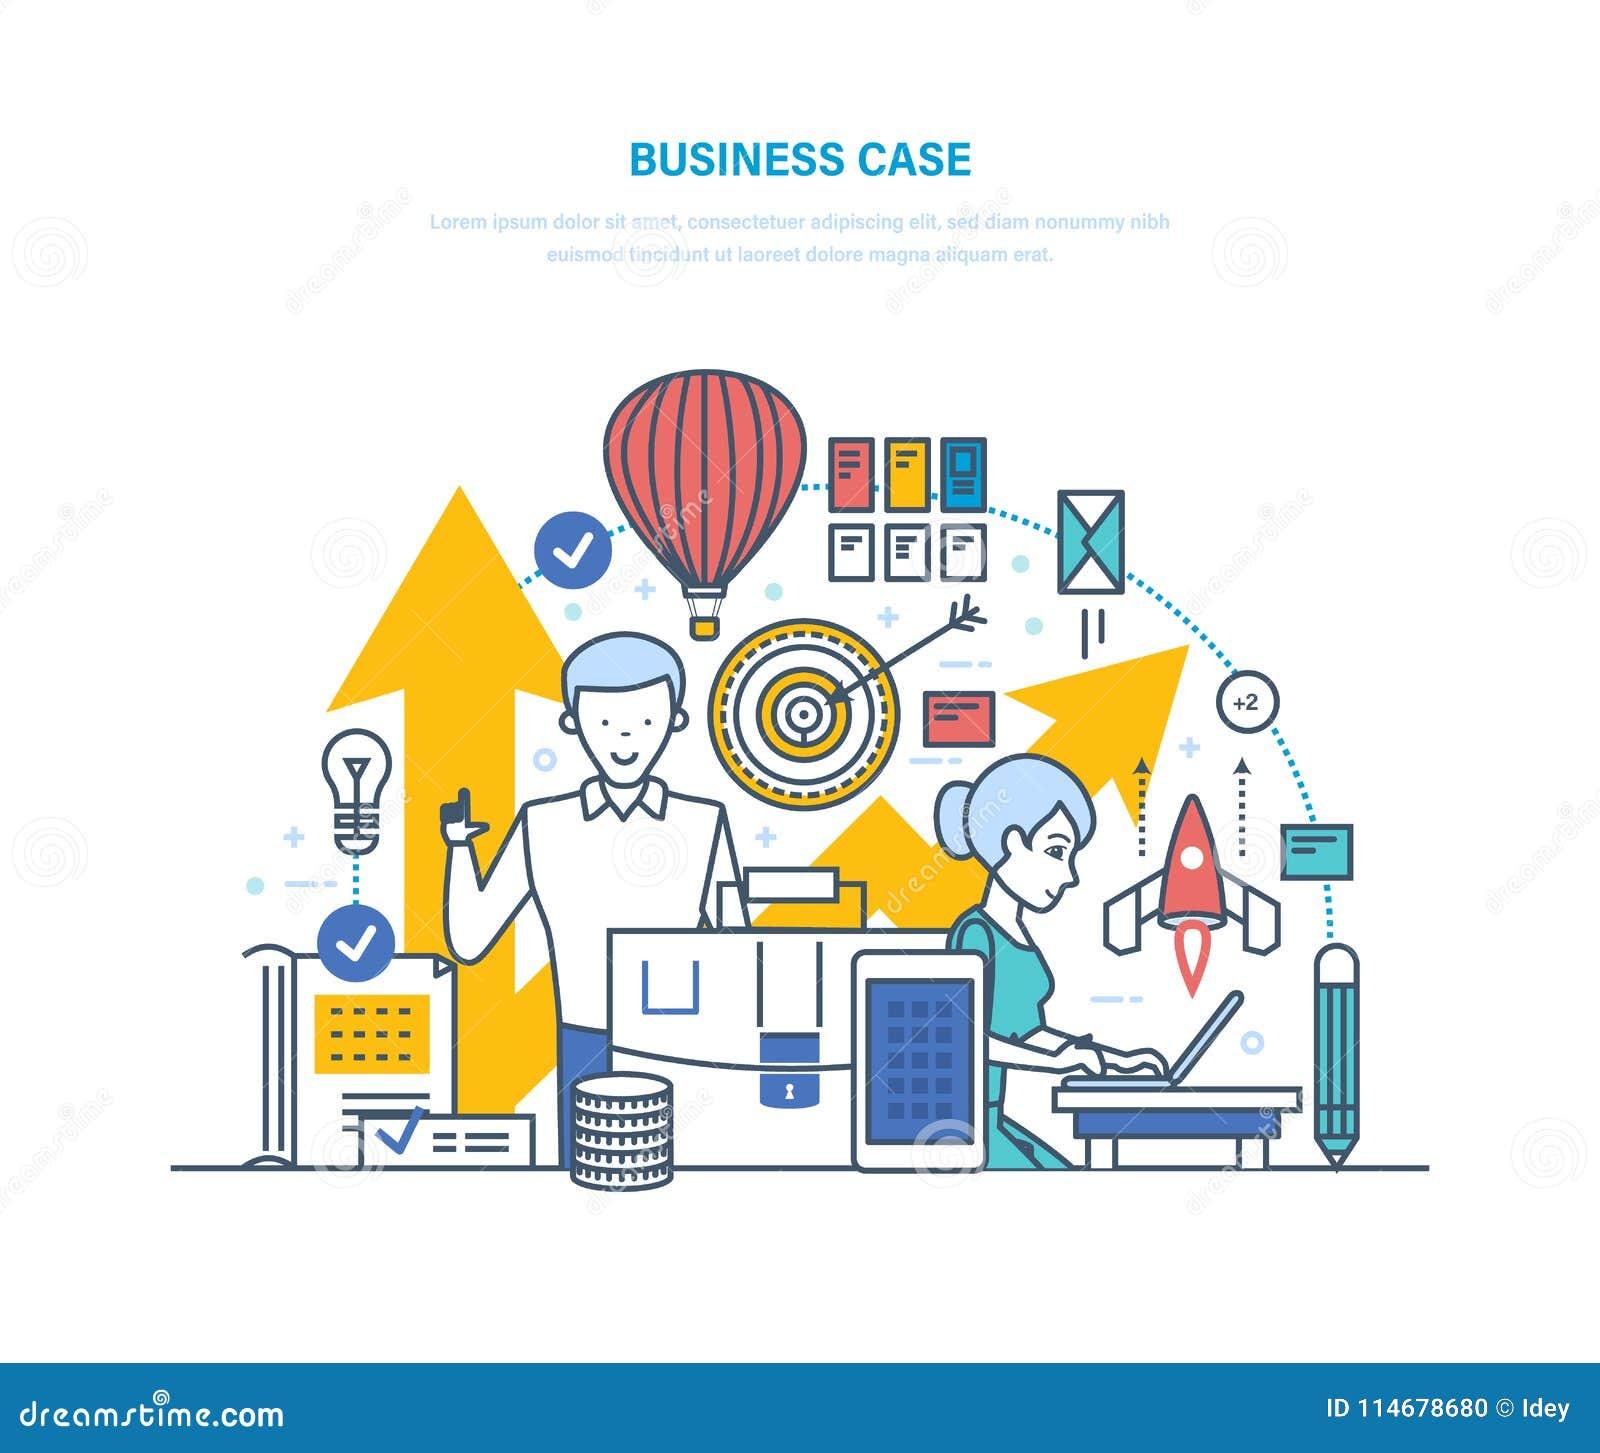 случай дела легкий редактирует к Направление задач, проблем компании, достижения целей